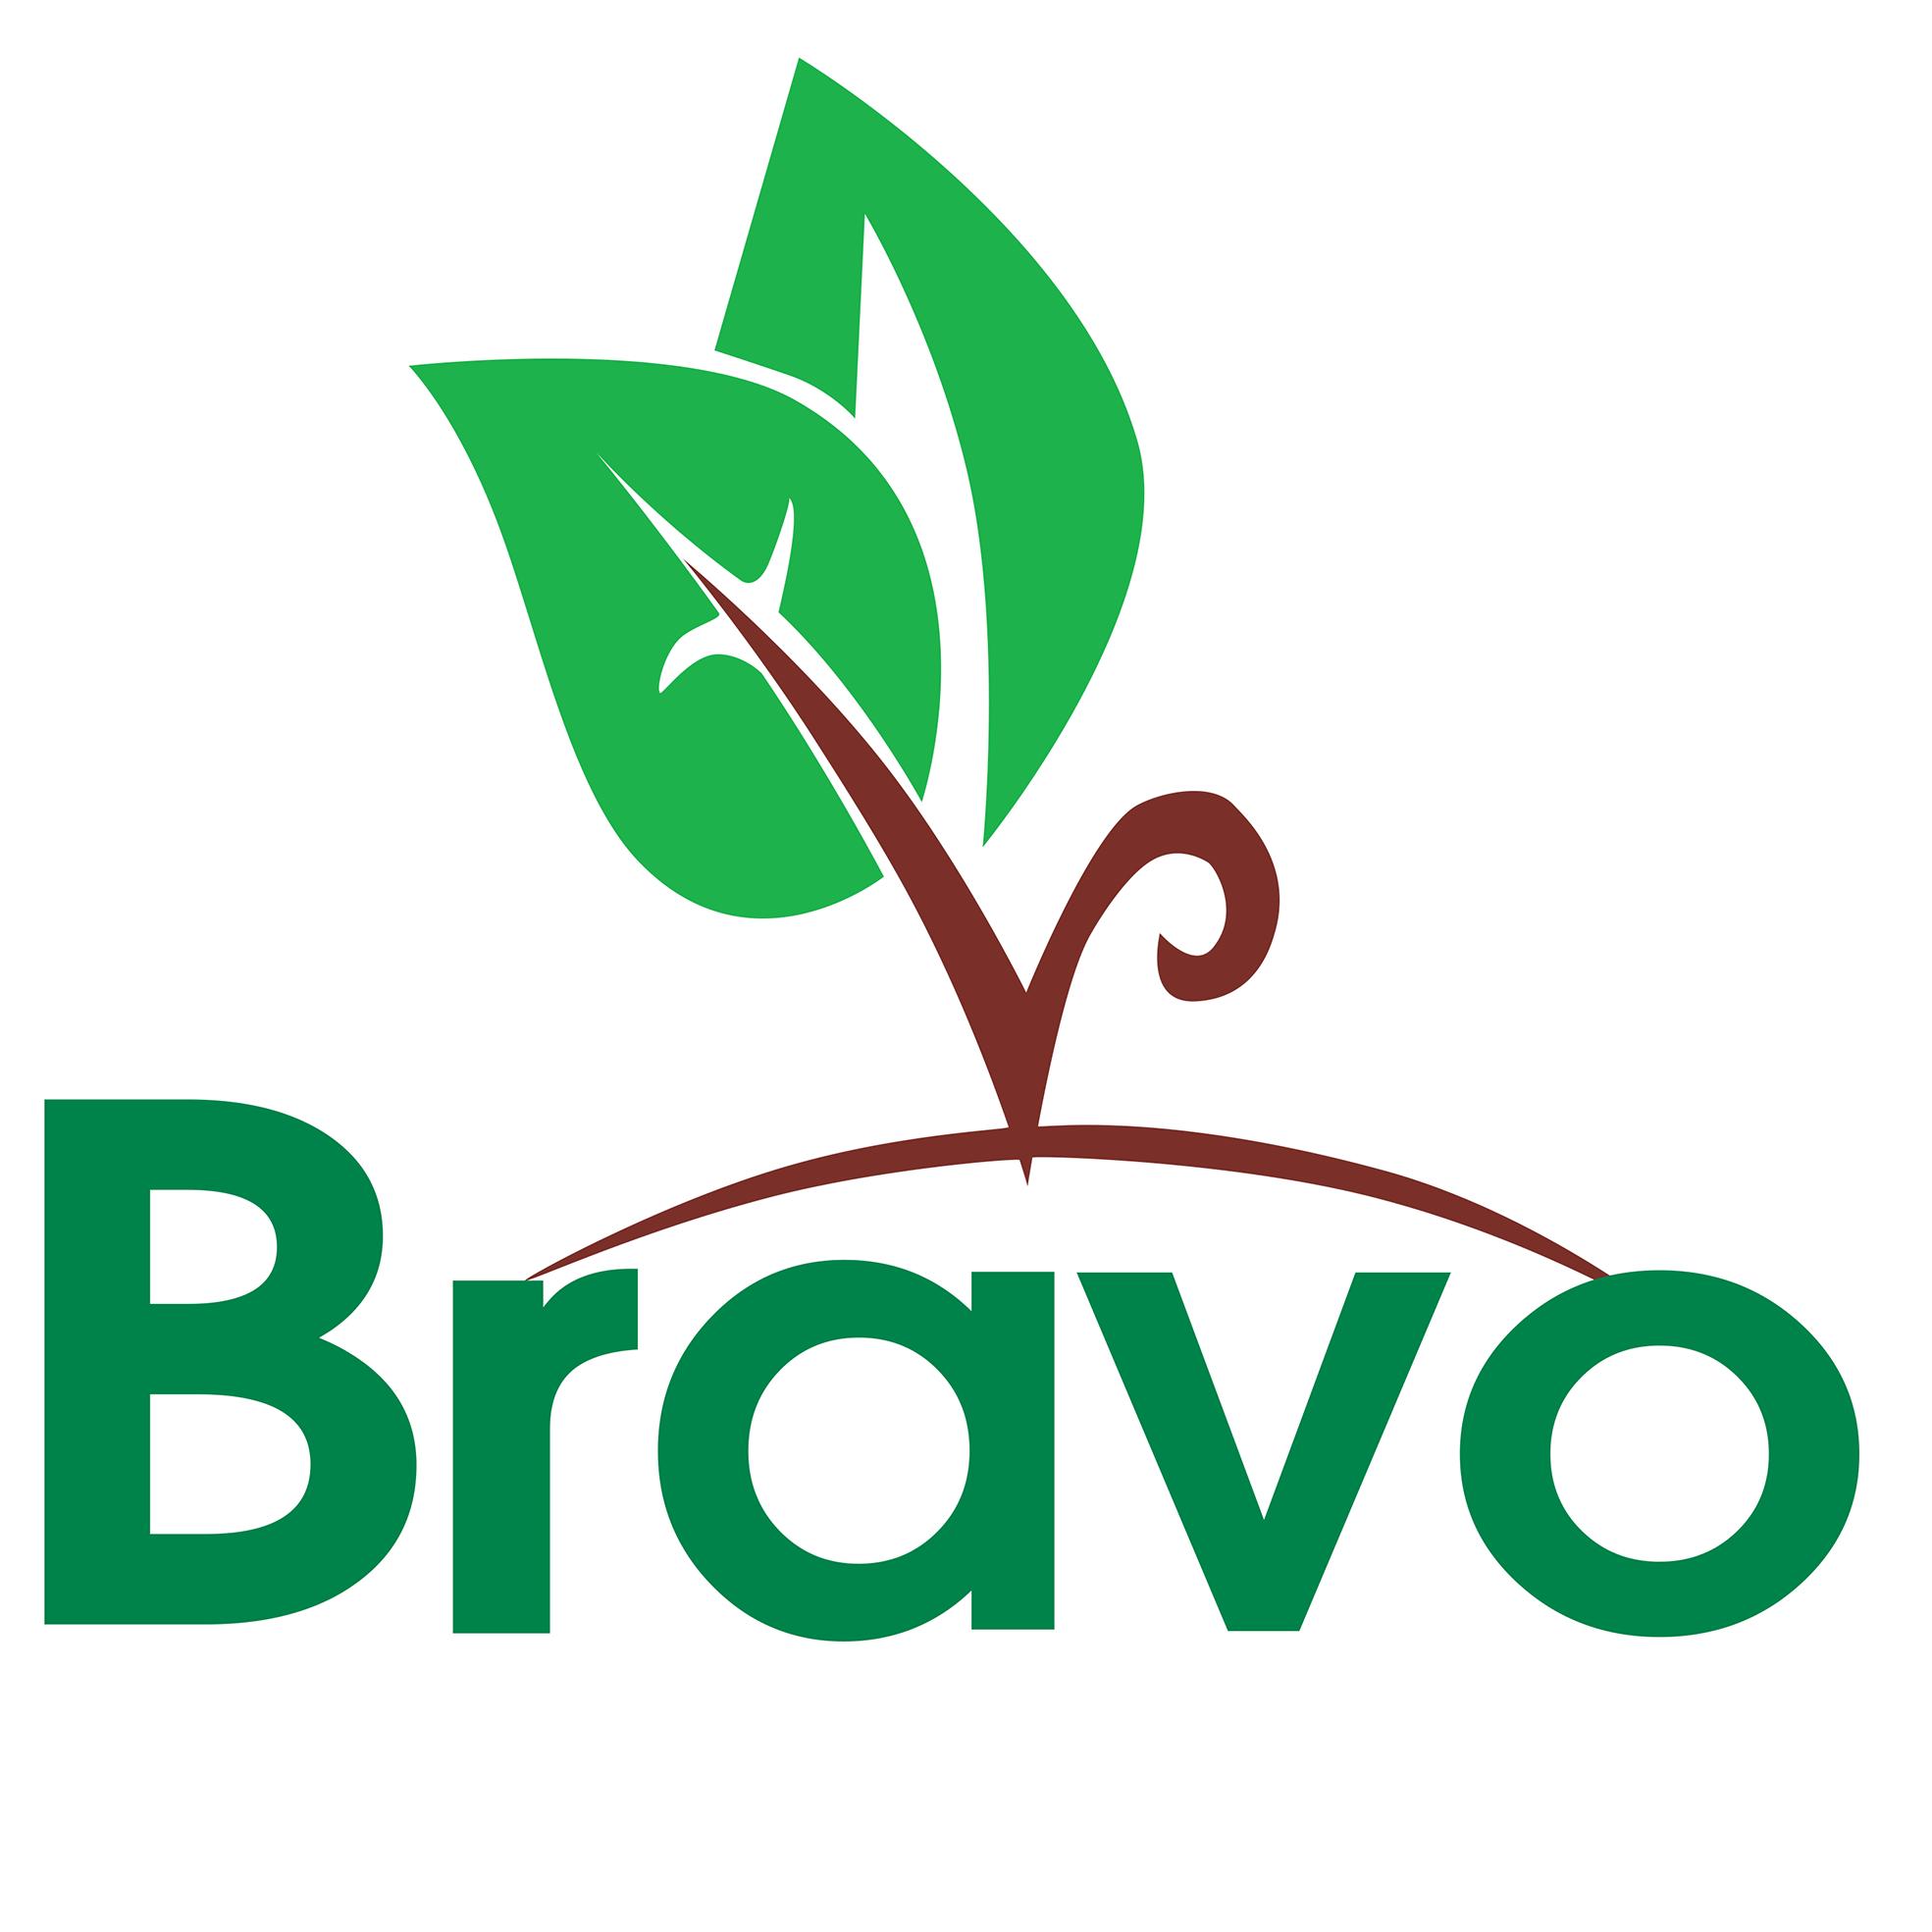 صورة برافو للكيماويات الزراعية تطرح كيان سيتومين لزيادة النمو الخضري وحماية النباتات من الأفات الفطرية والحشرية